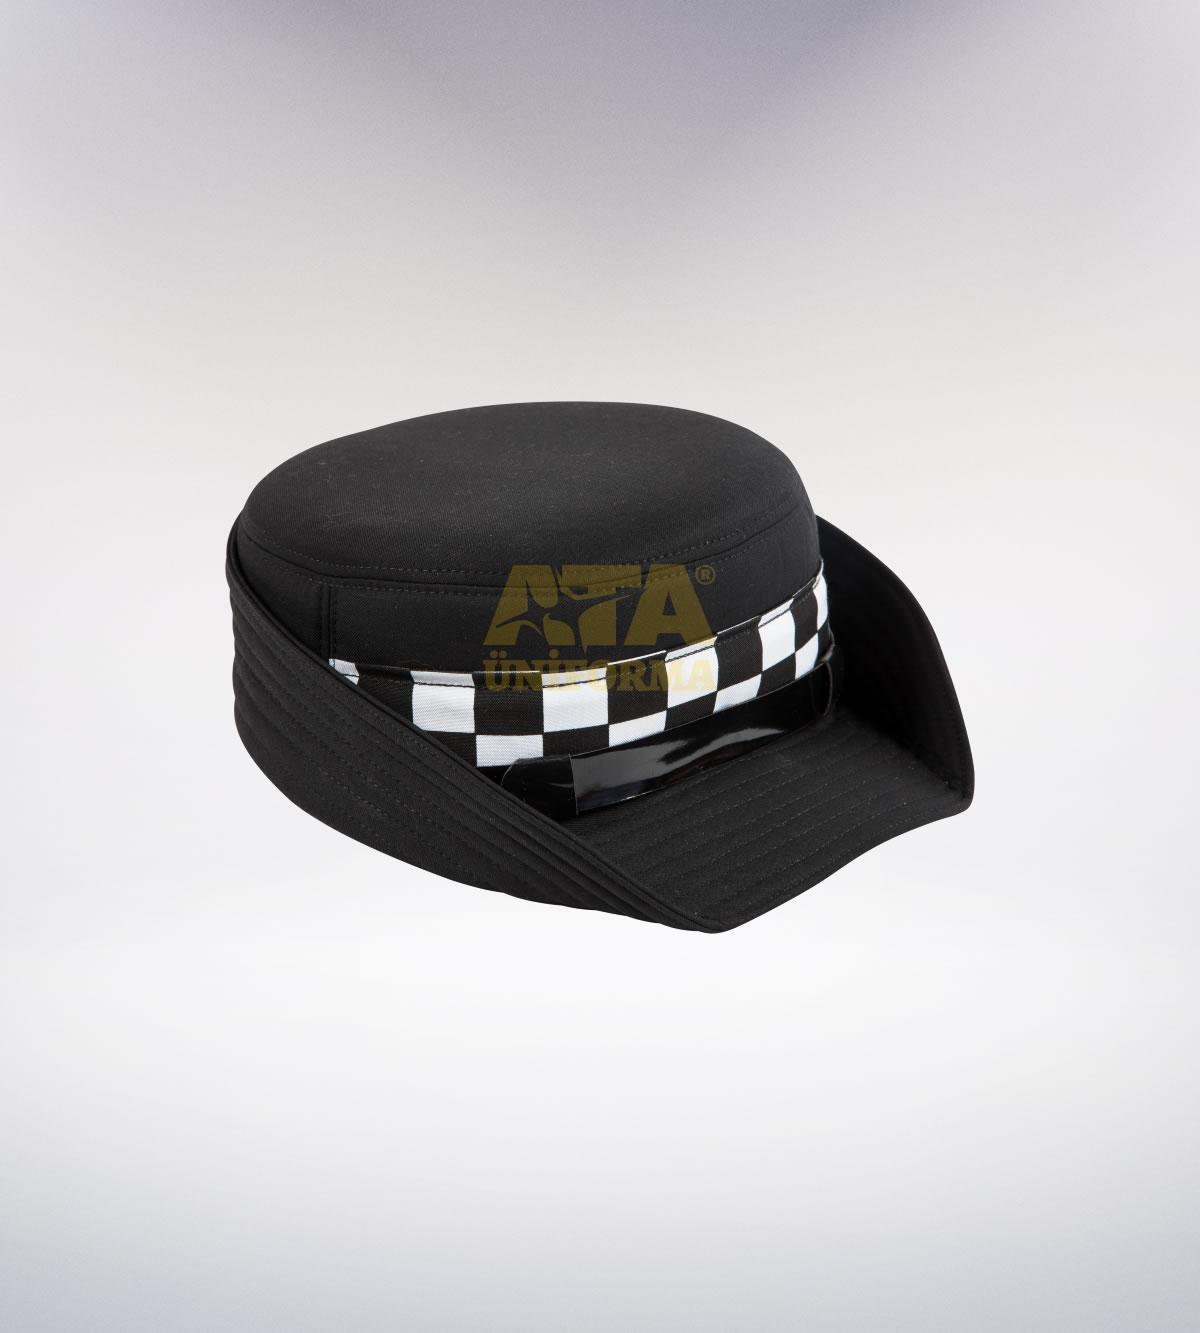 ATA-1115 Özel güvenlik tören şapka (Bayan) - özel güvenlik elbiseleri | özel güvenlik  üniformaları | özel güvenlik kıyafetleri